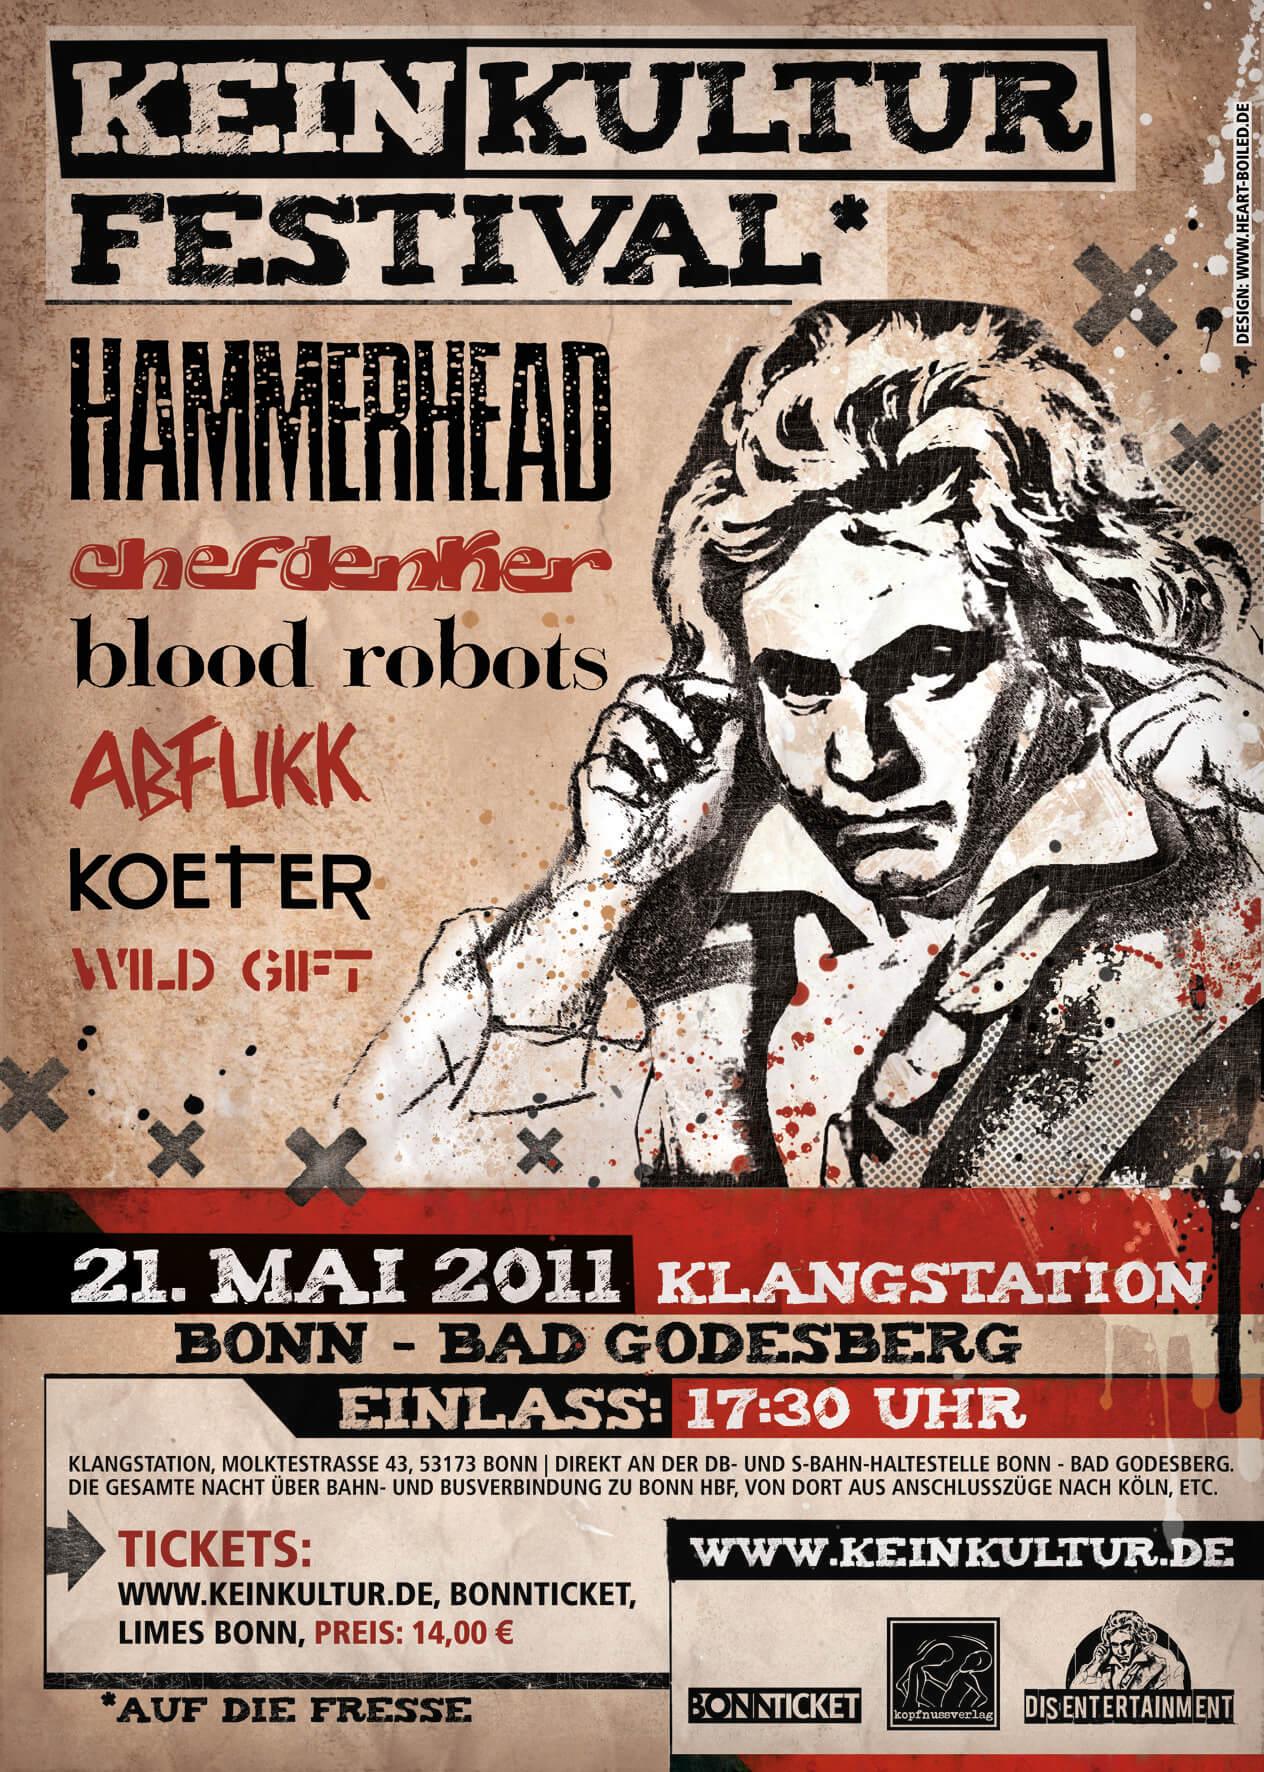 Hammerhead, Abfukk, Chefdenker, Blood Robots, Wild Gift, Koeter